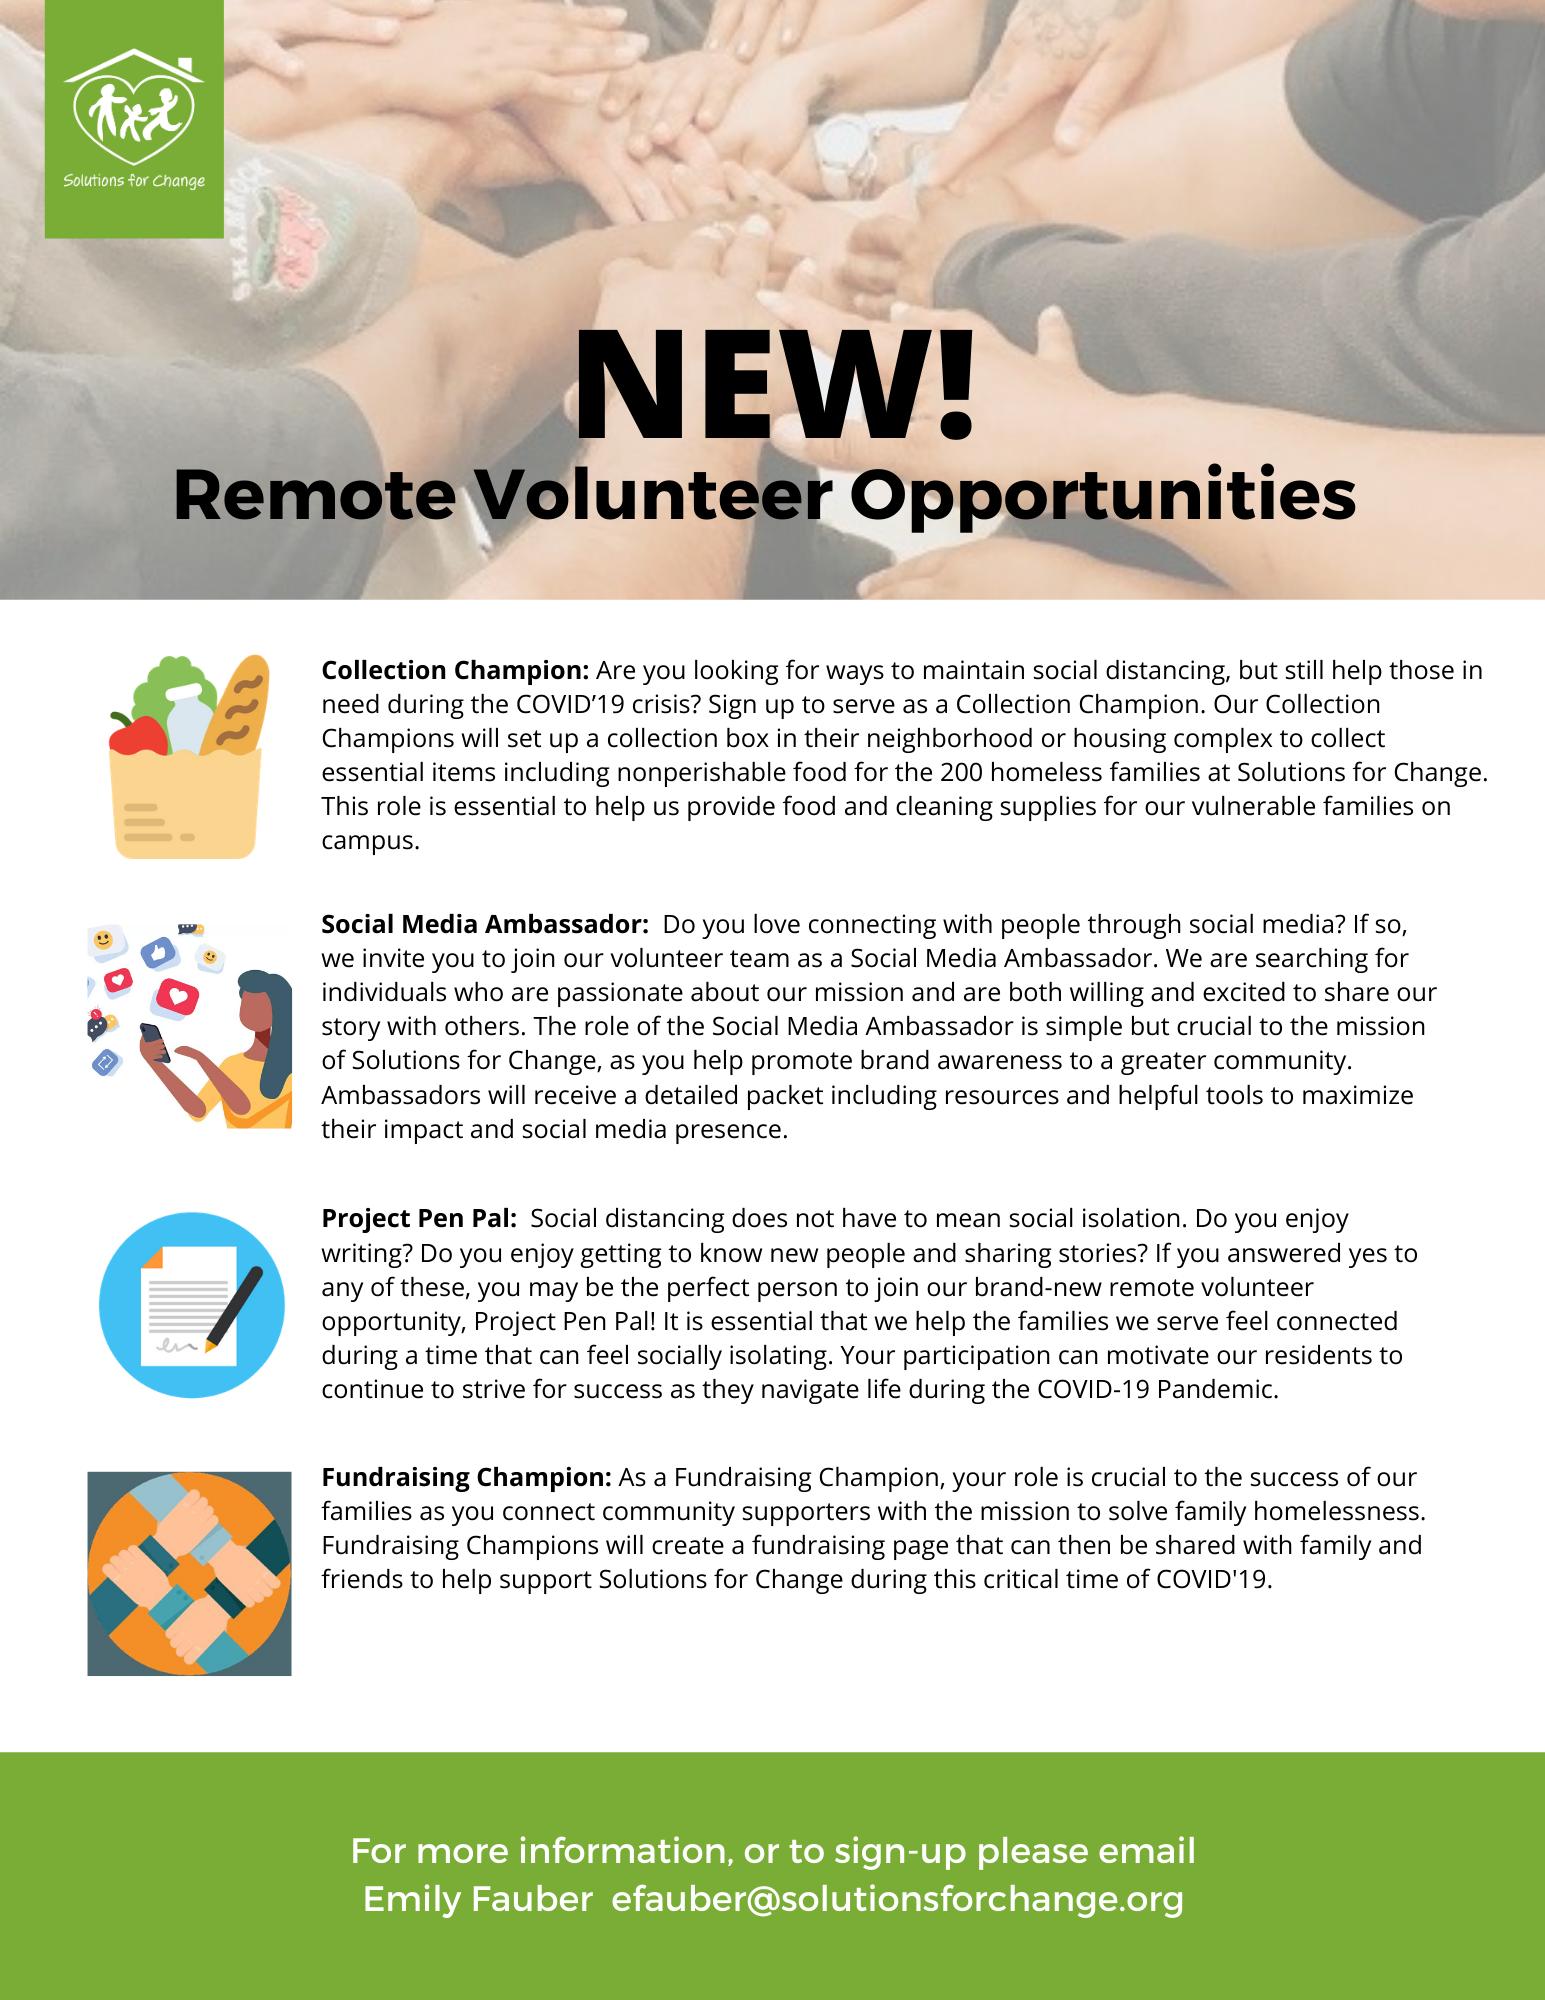 New! Remote Volunteer Opportunities